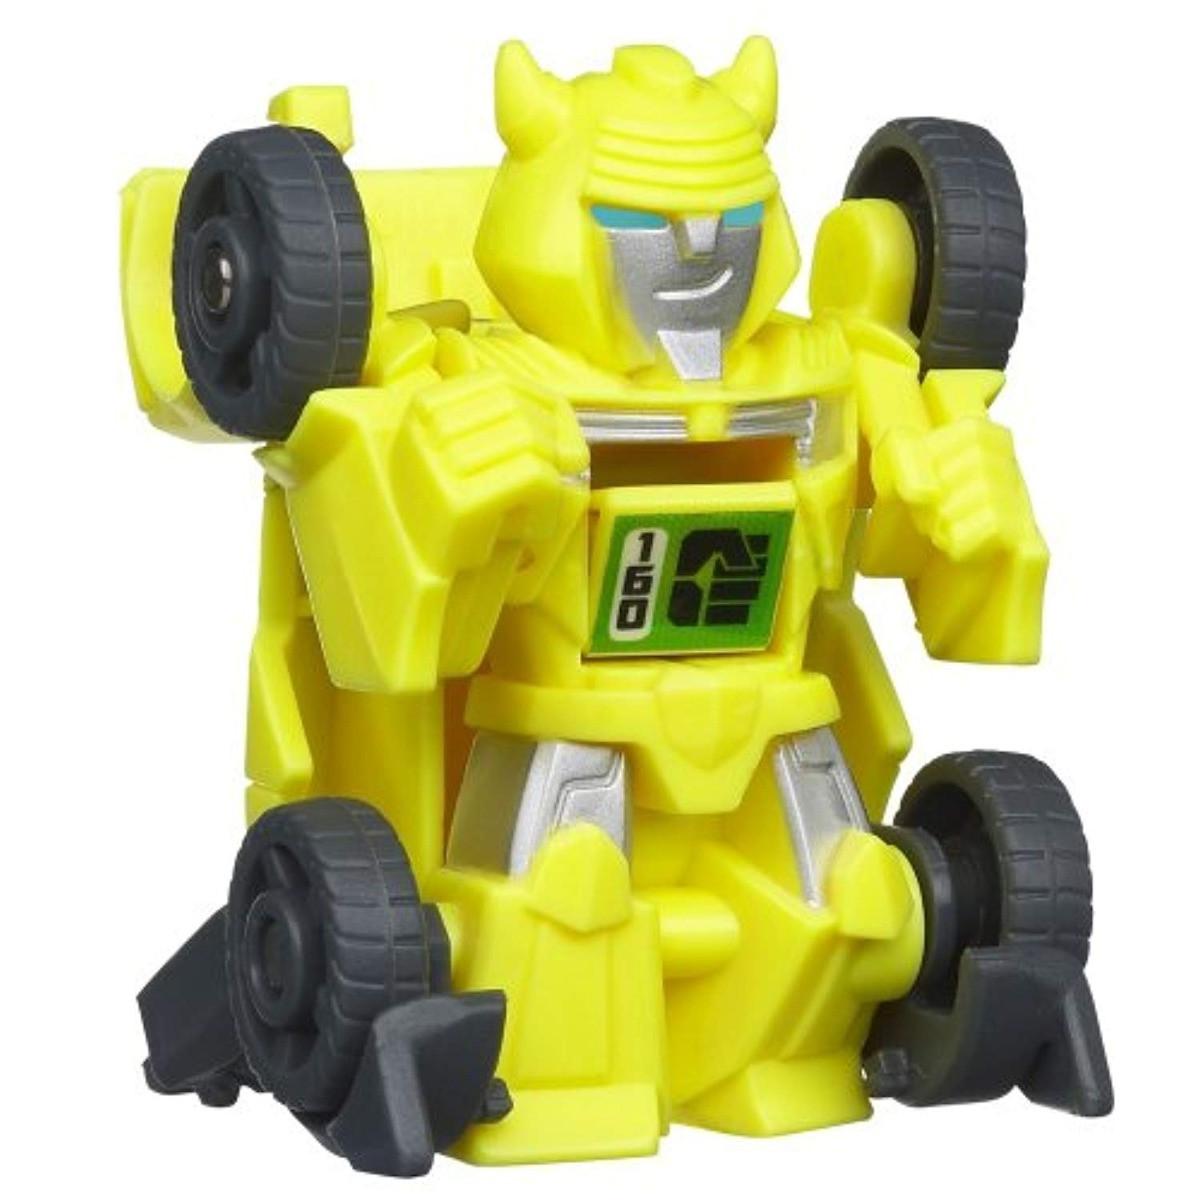 Робот-трансформер Hasbro, Бамблби, Бот-Шотс - Bumblebee, Flip Shot, Bot Shots